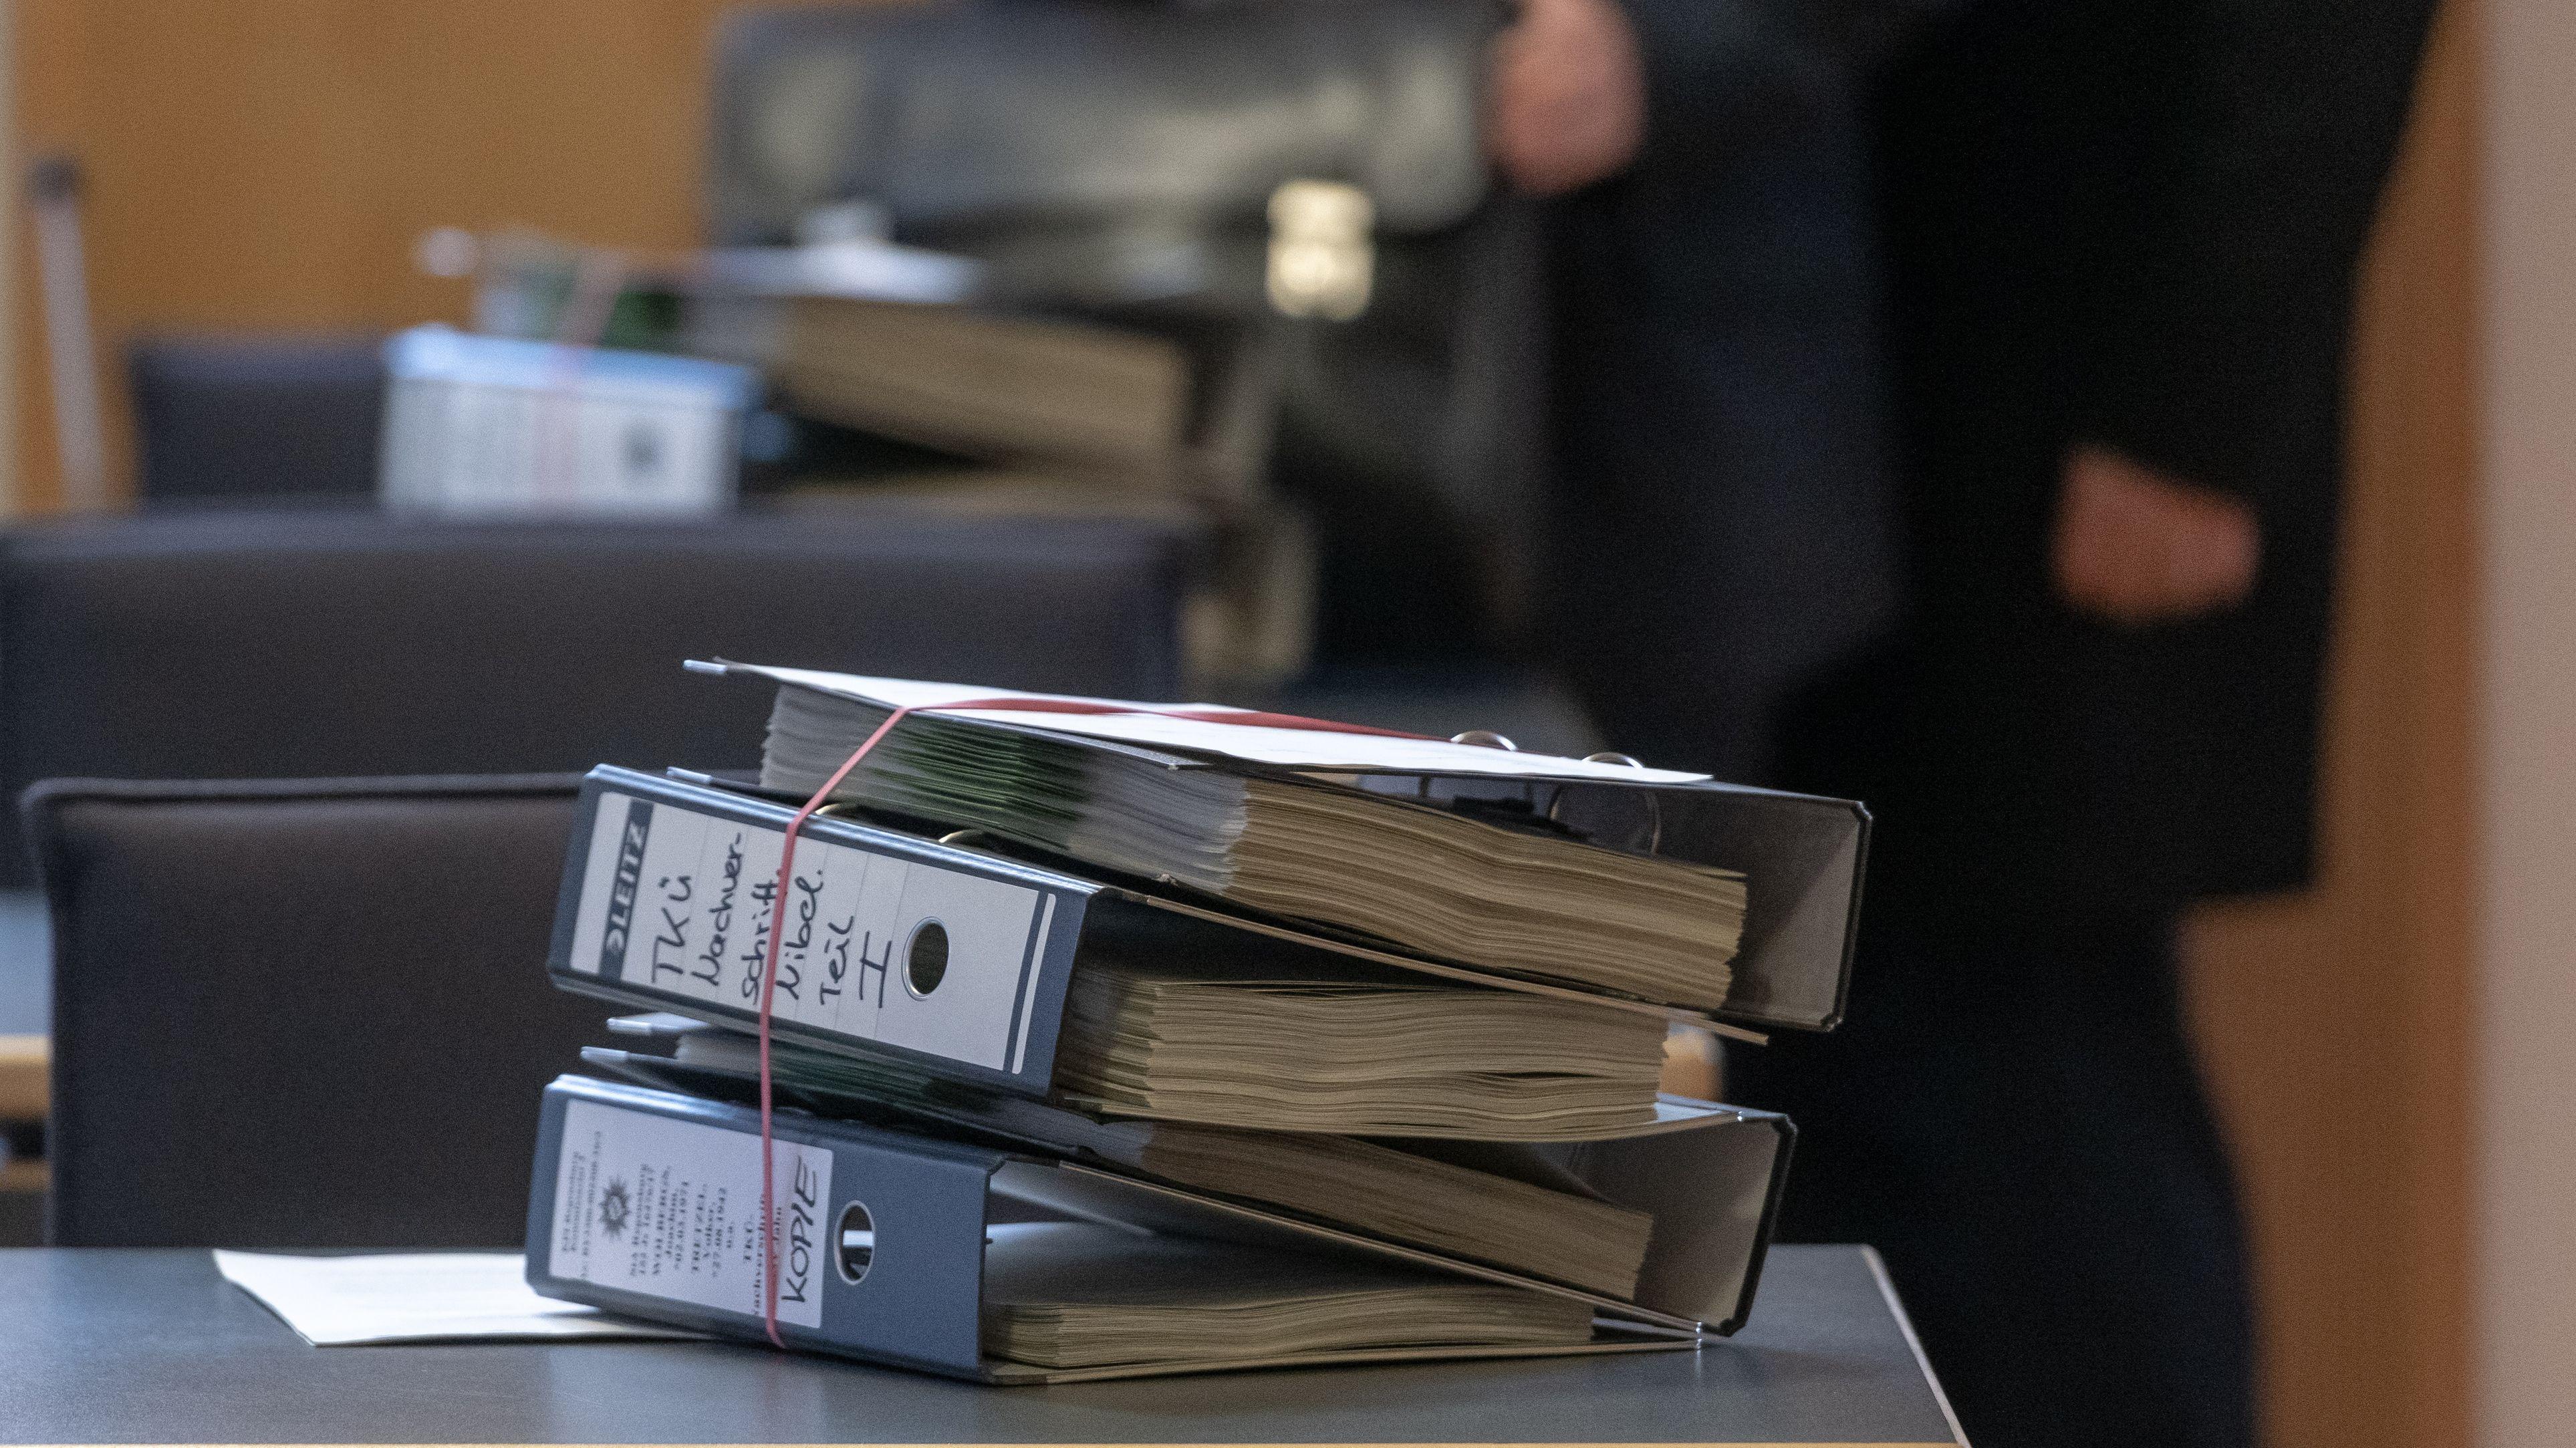 Akten liegen im Verhandlungssaal des Landgerichts Regensburg im Prozess gegen den suspendierter Regensburger Oberbürgermeister Wolbergs